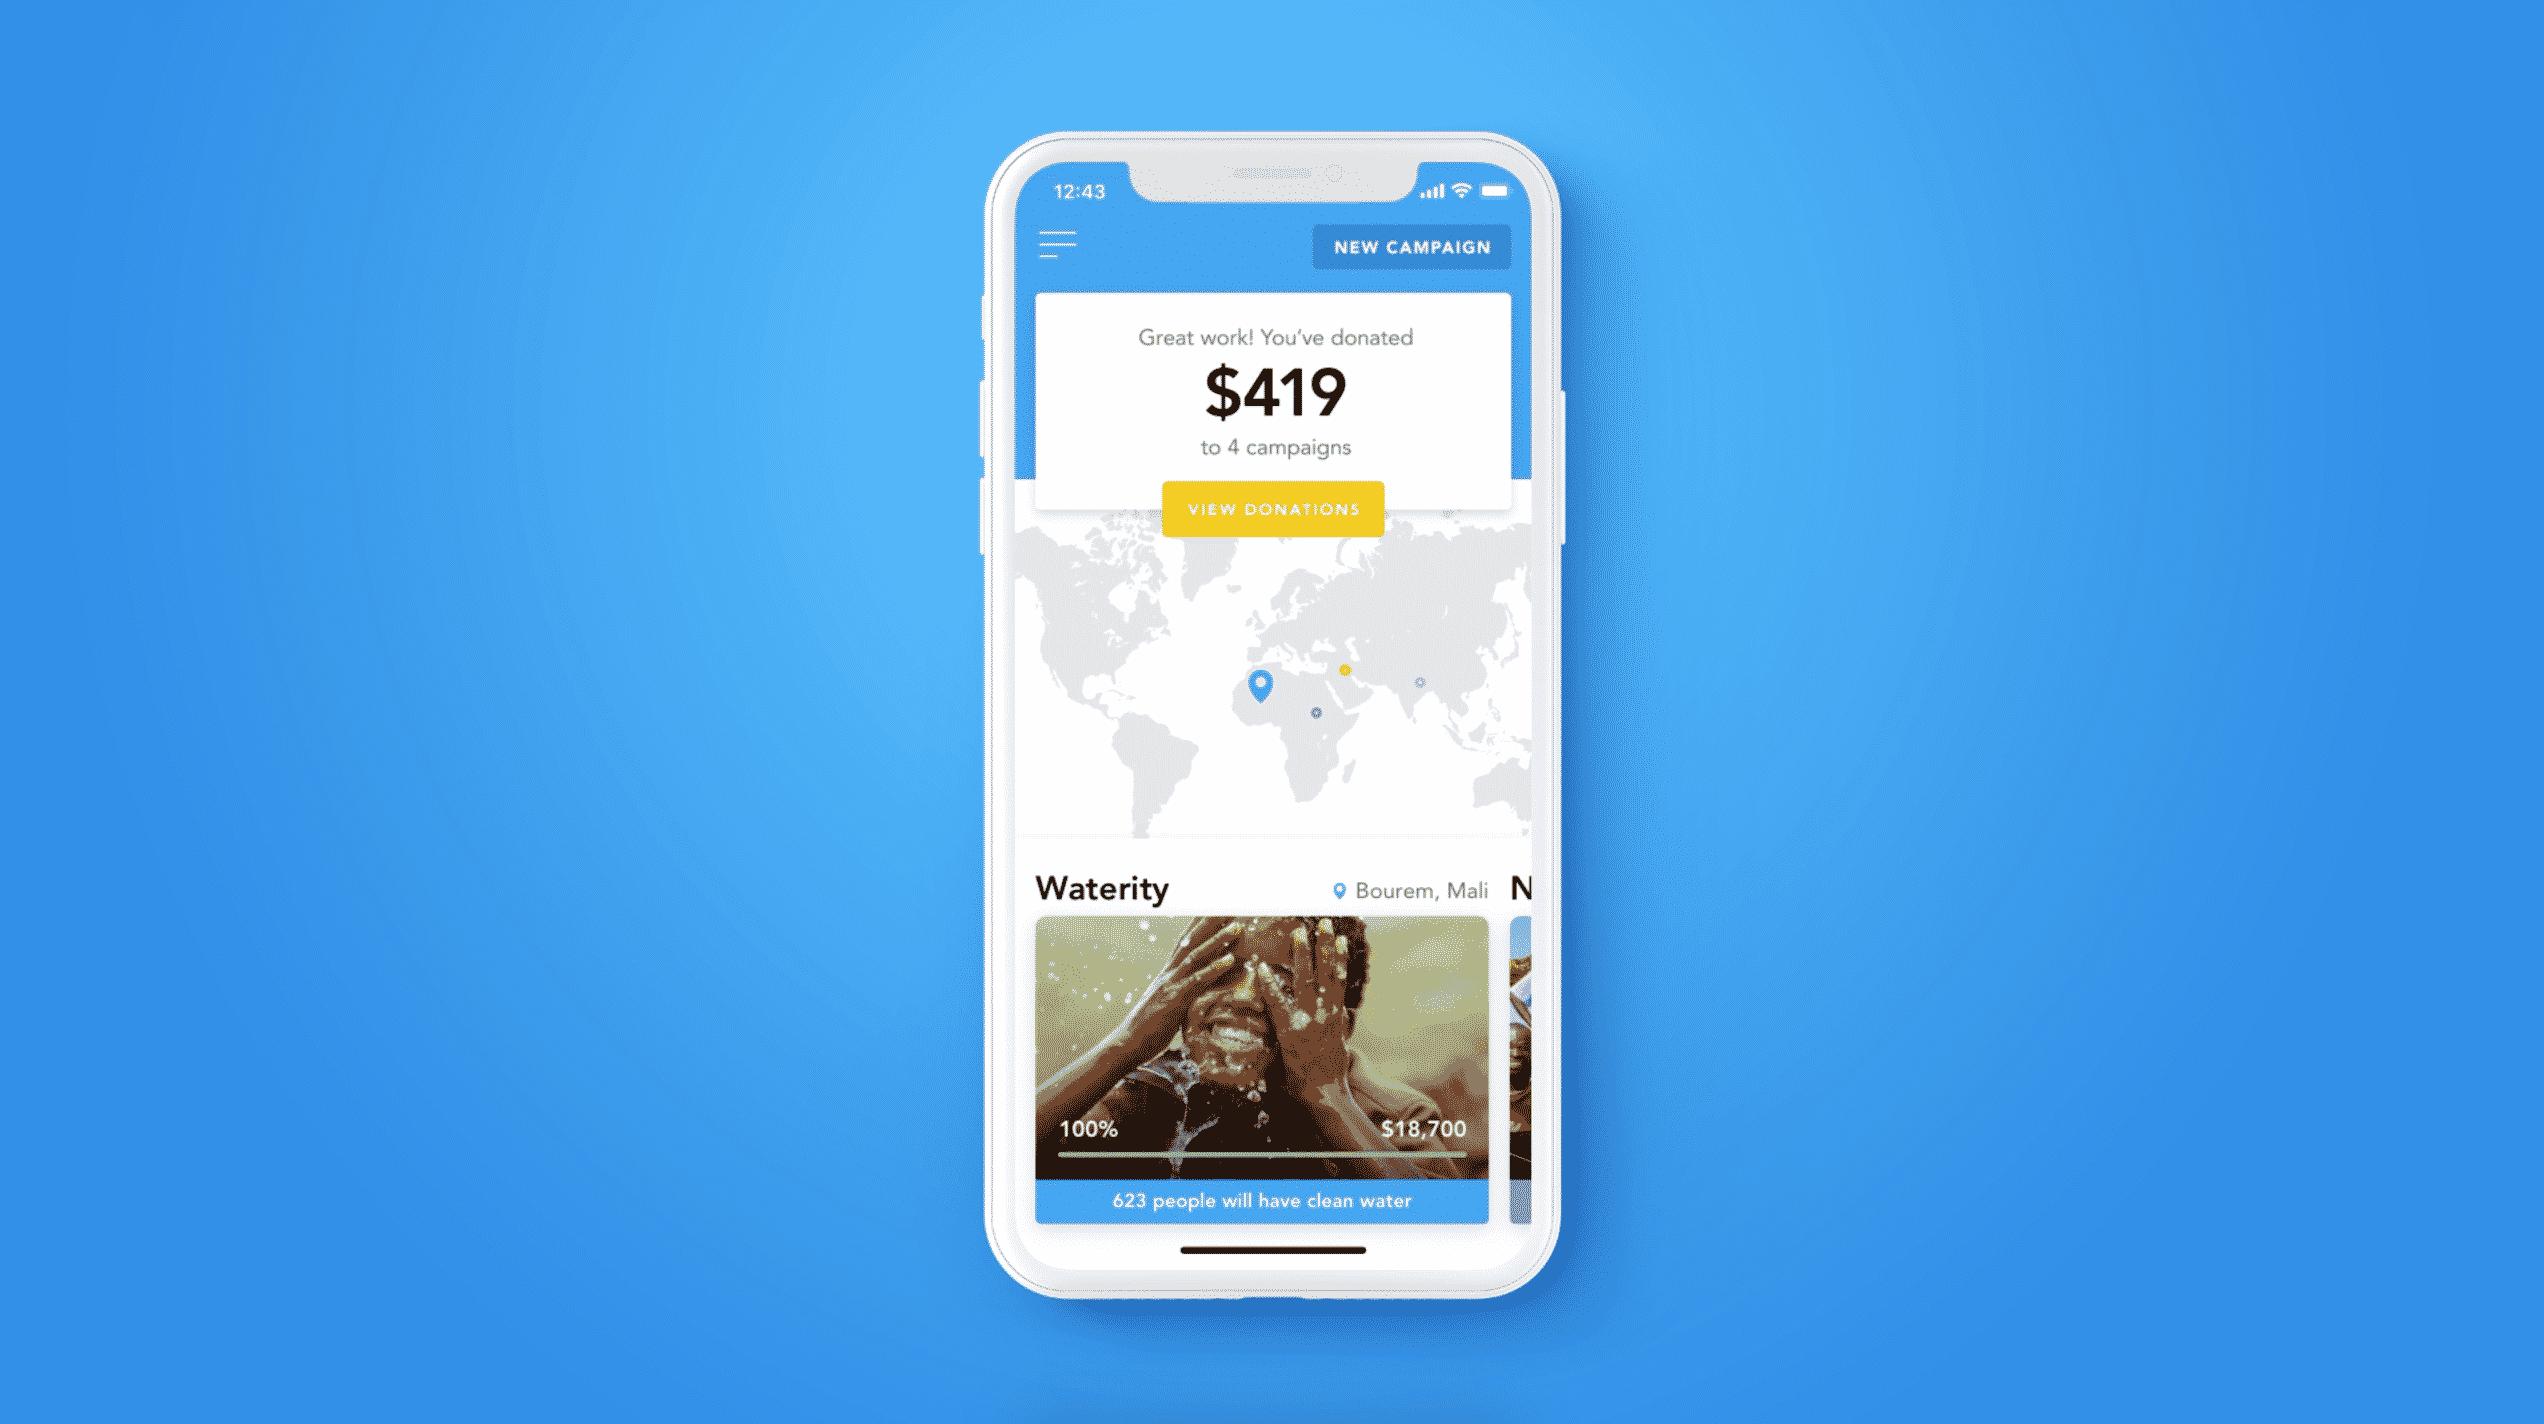 Pixelrocket Mobile App Design Background Image